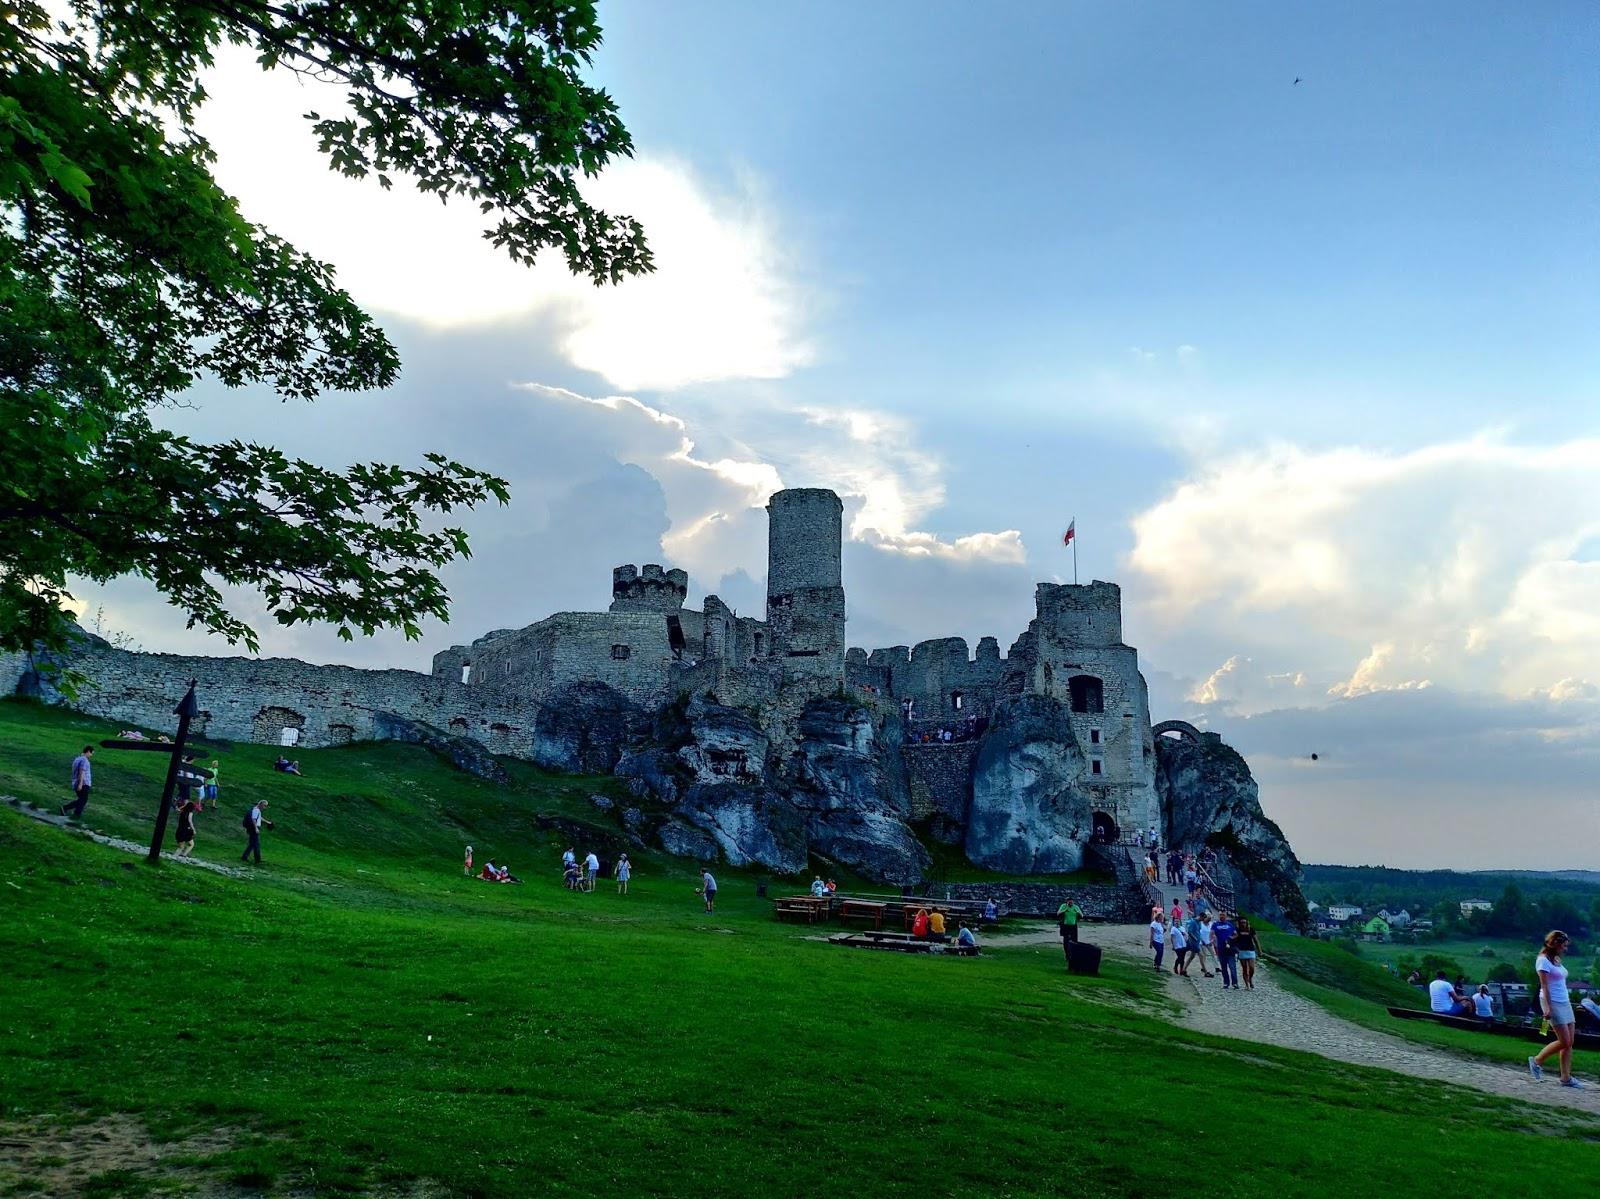 Zamek w Ogrodzieńcu w weekend - tak czy nie?